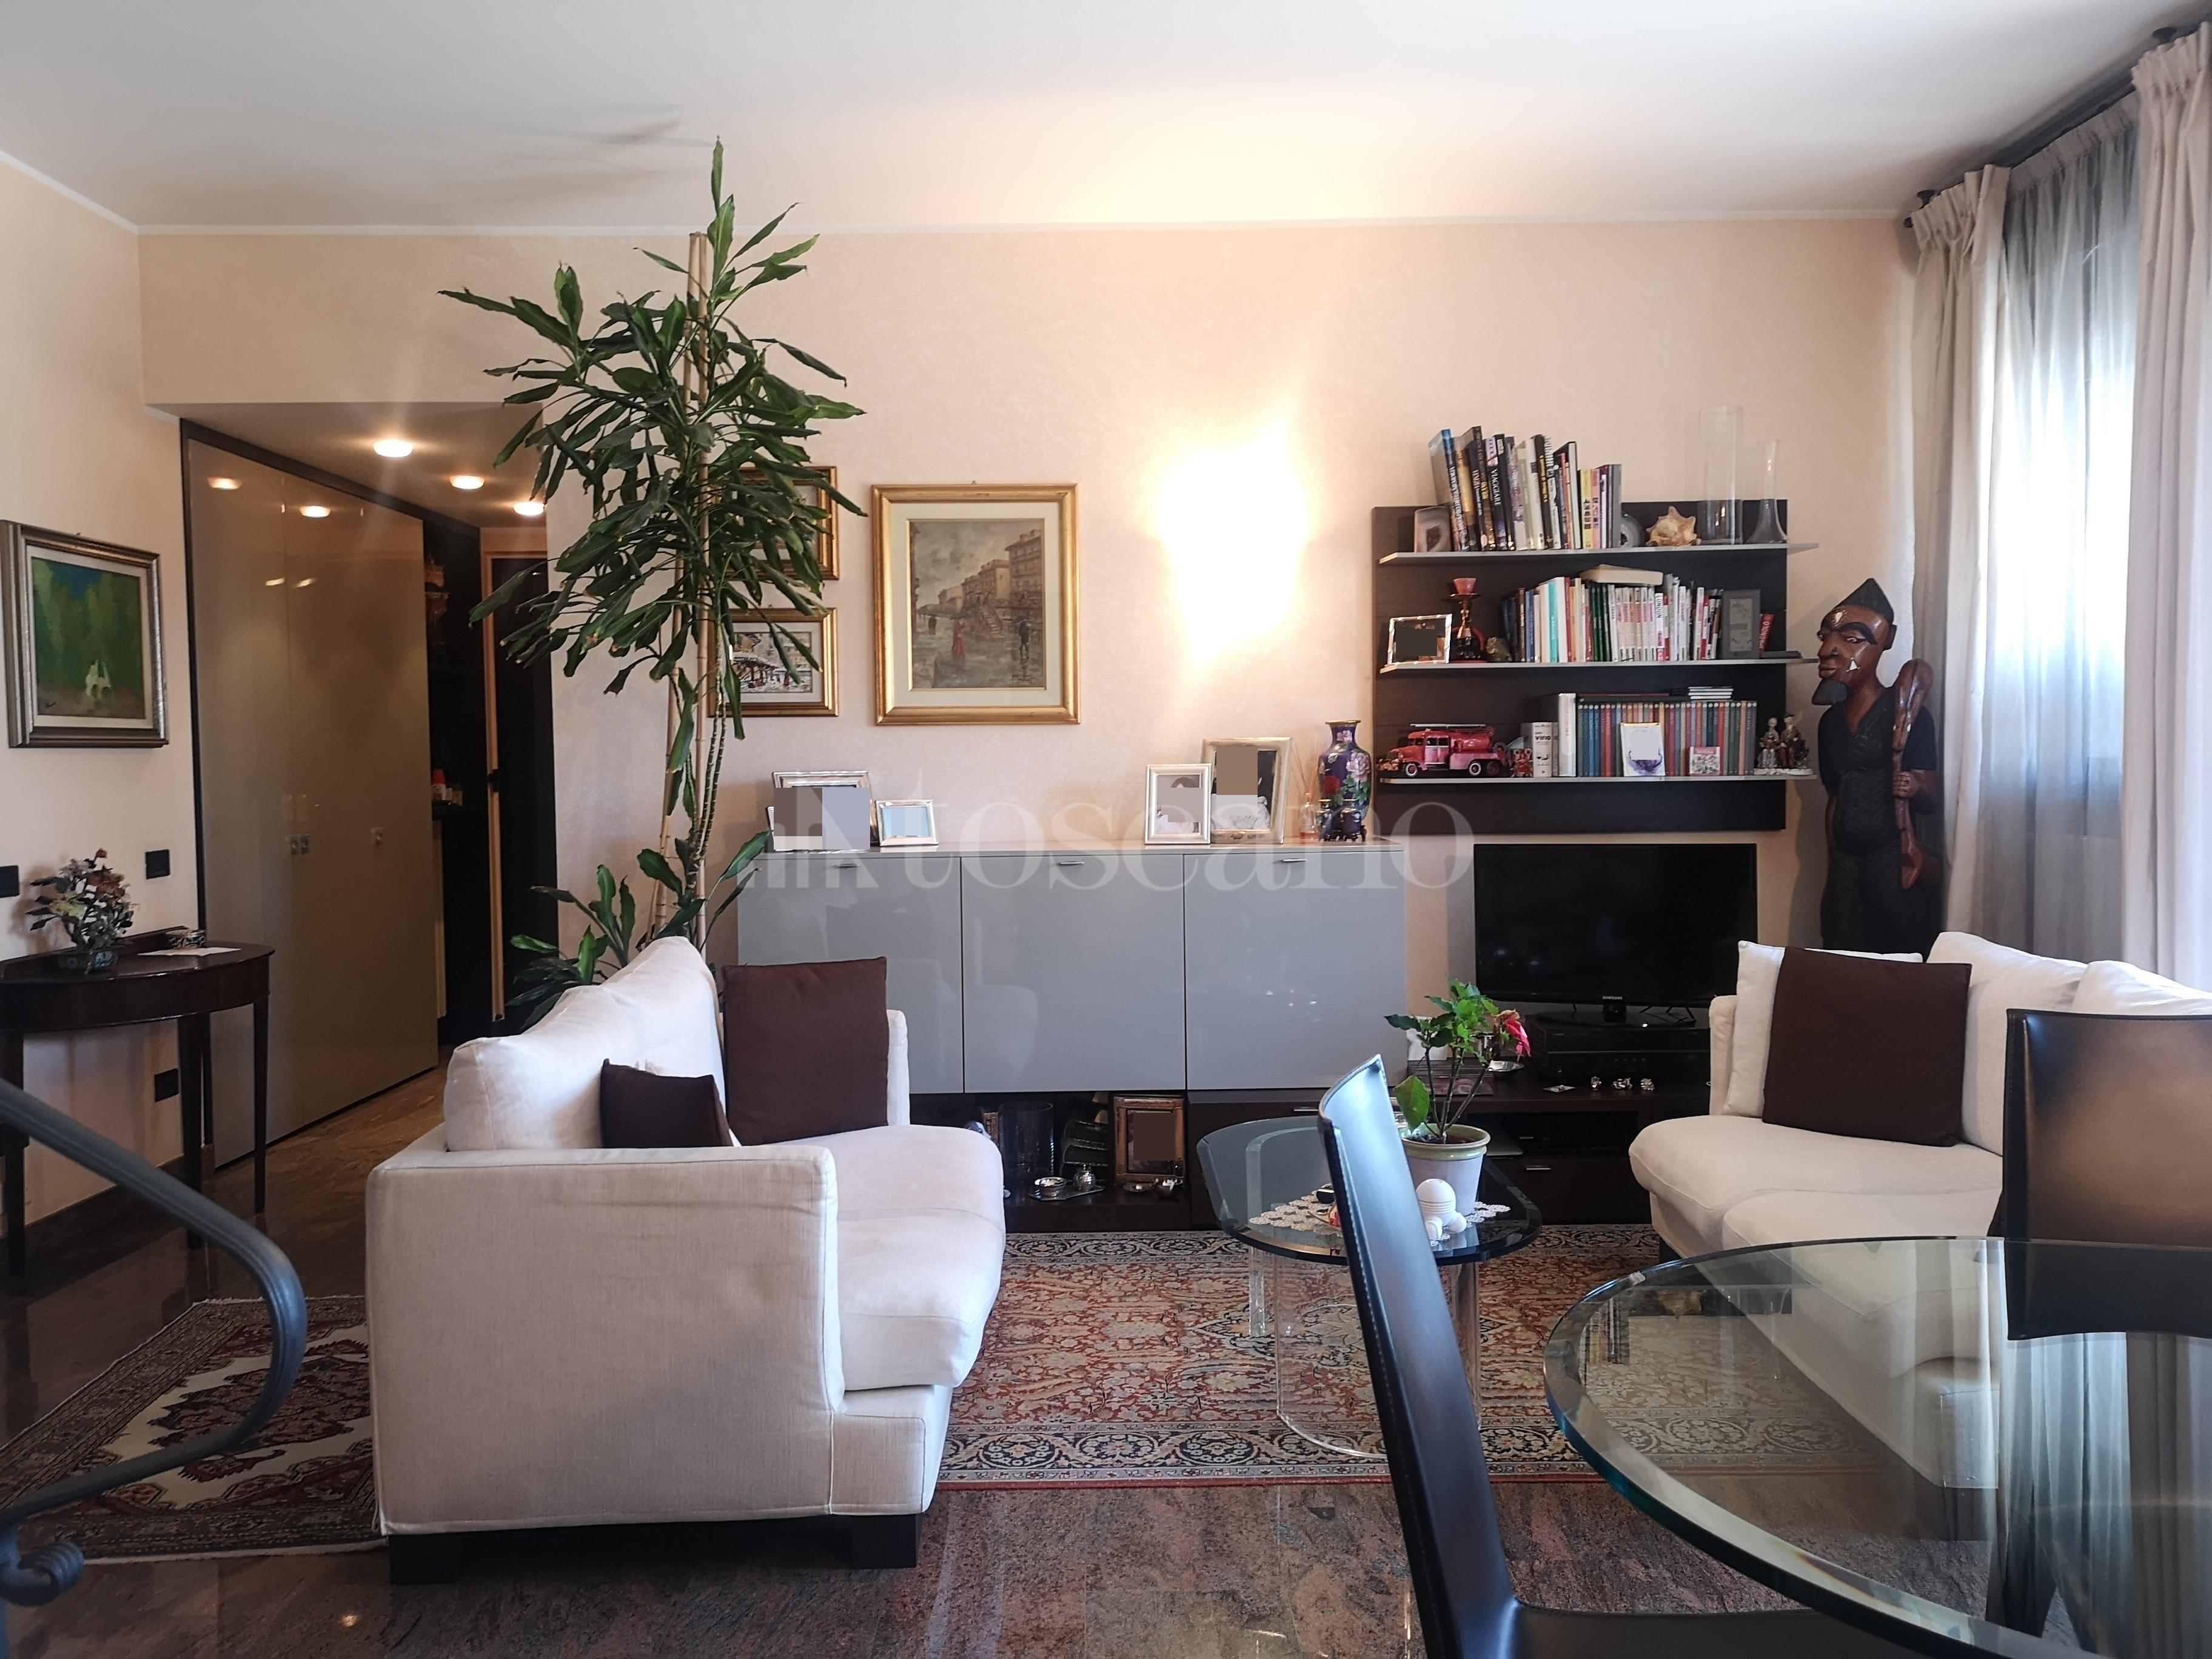 Casa in vendita di 181 mq a €750.000 (rif. 35/2021)